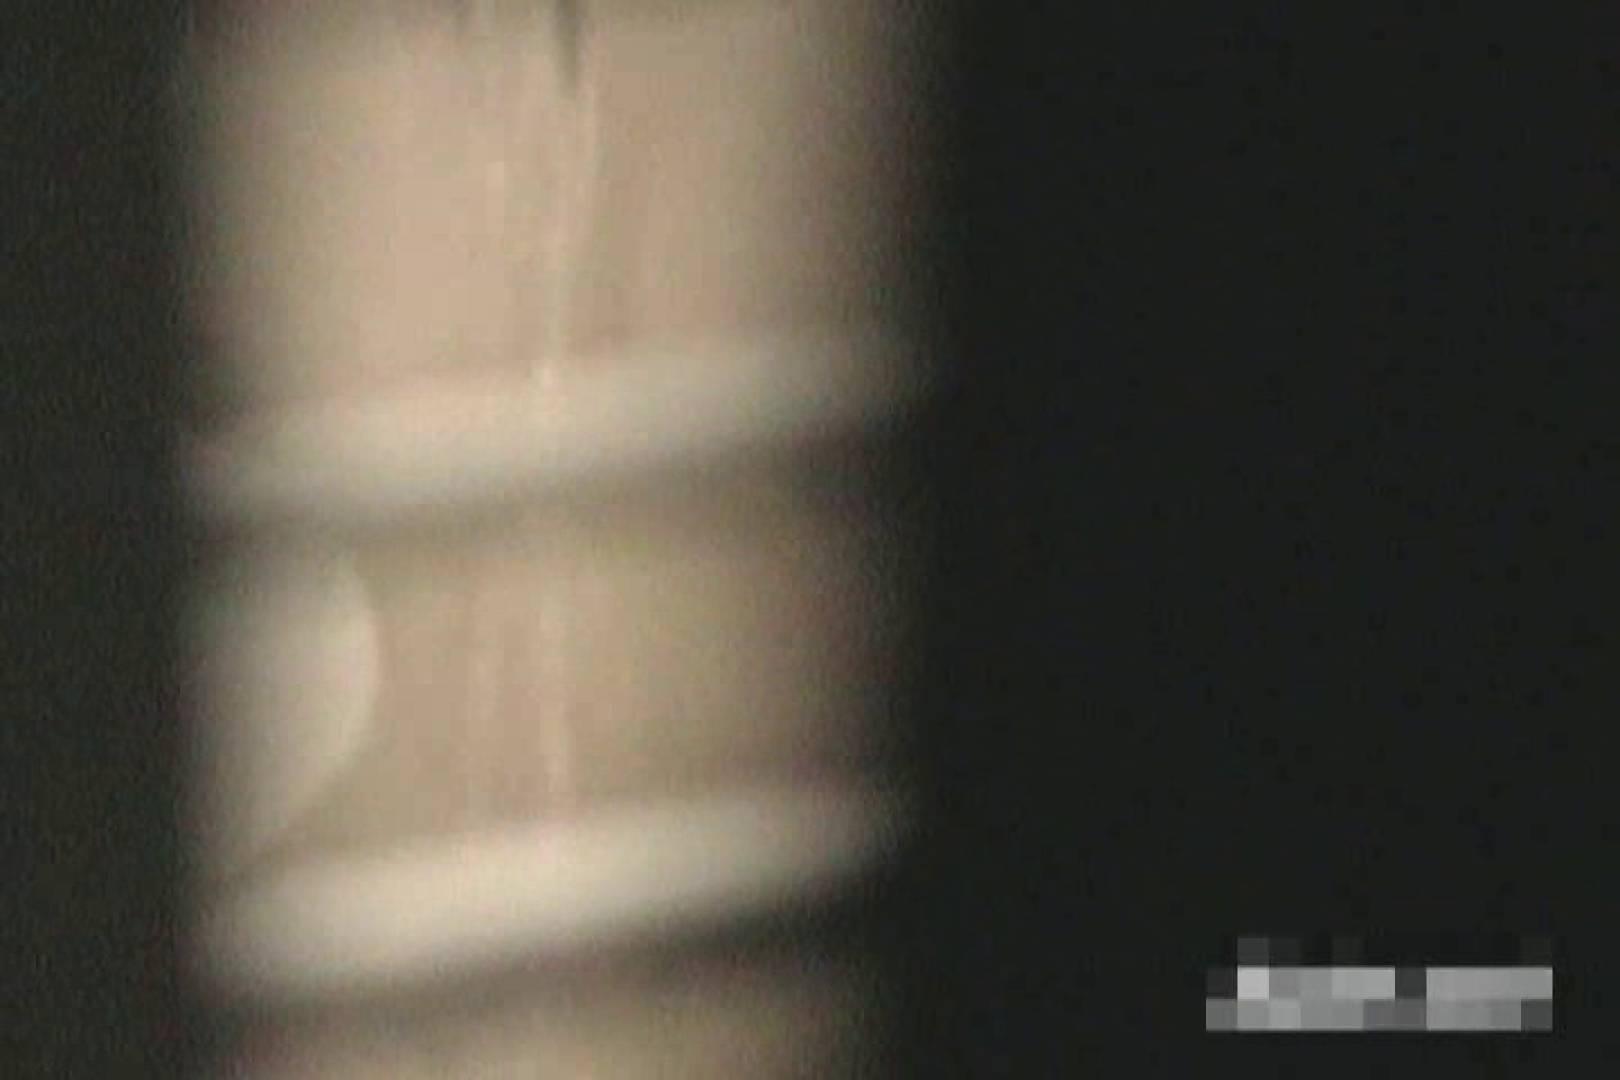 激撮ストーカー記録あなたのお宅拝見しますVol.5 オナニーDEエッチ 覗きおまんこ画像 92PIX 47